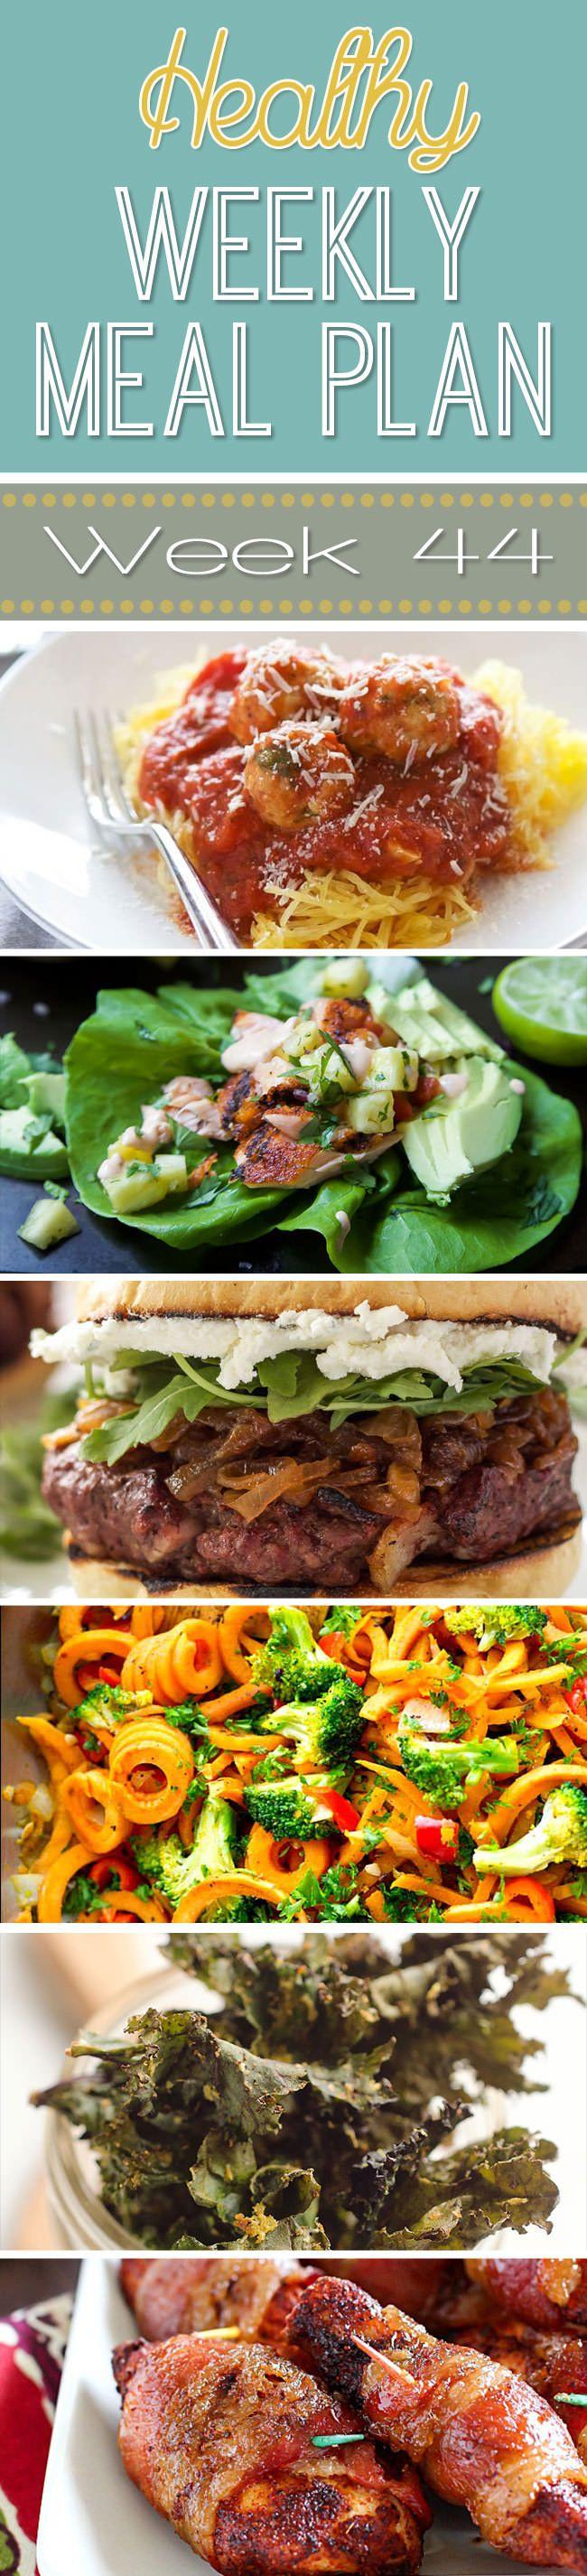 Healthy Meal Plan Week 44